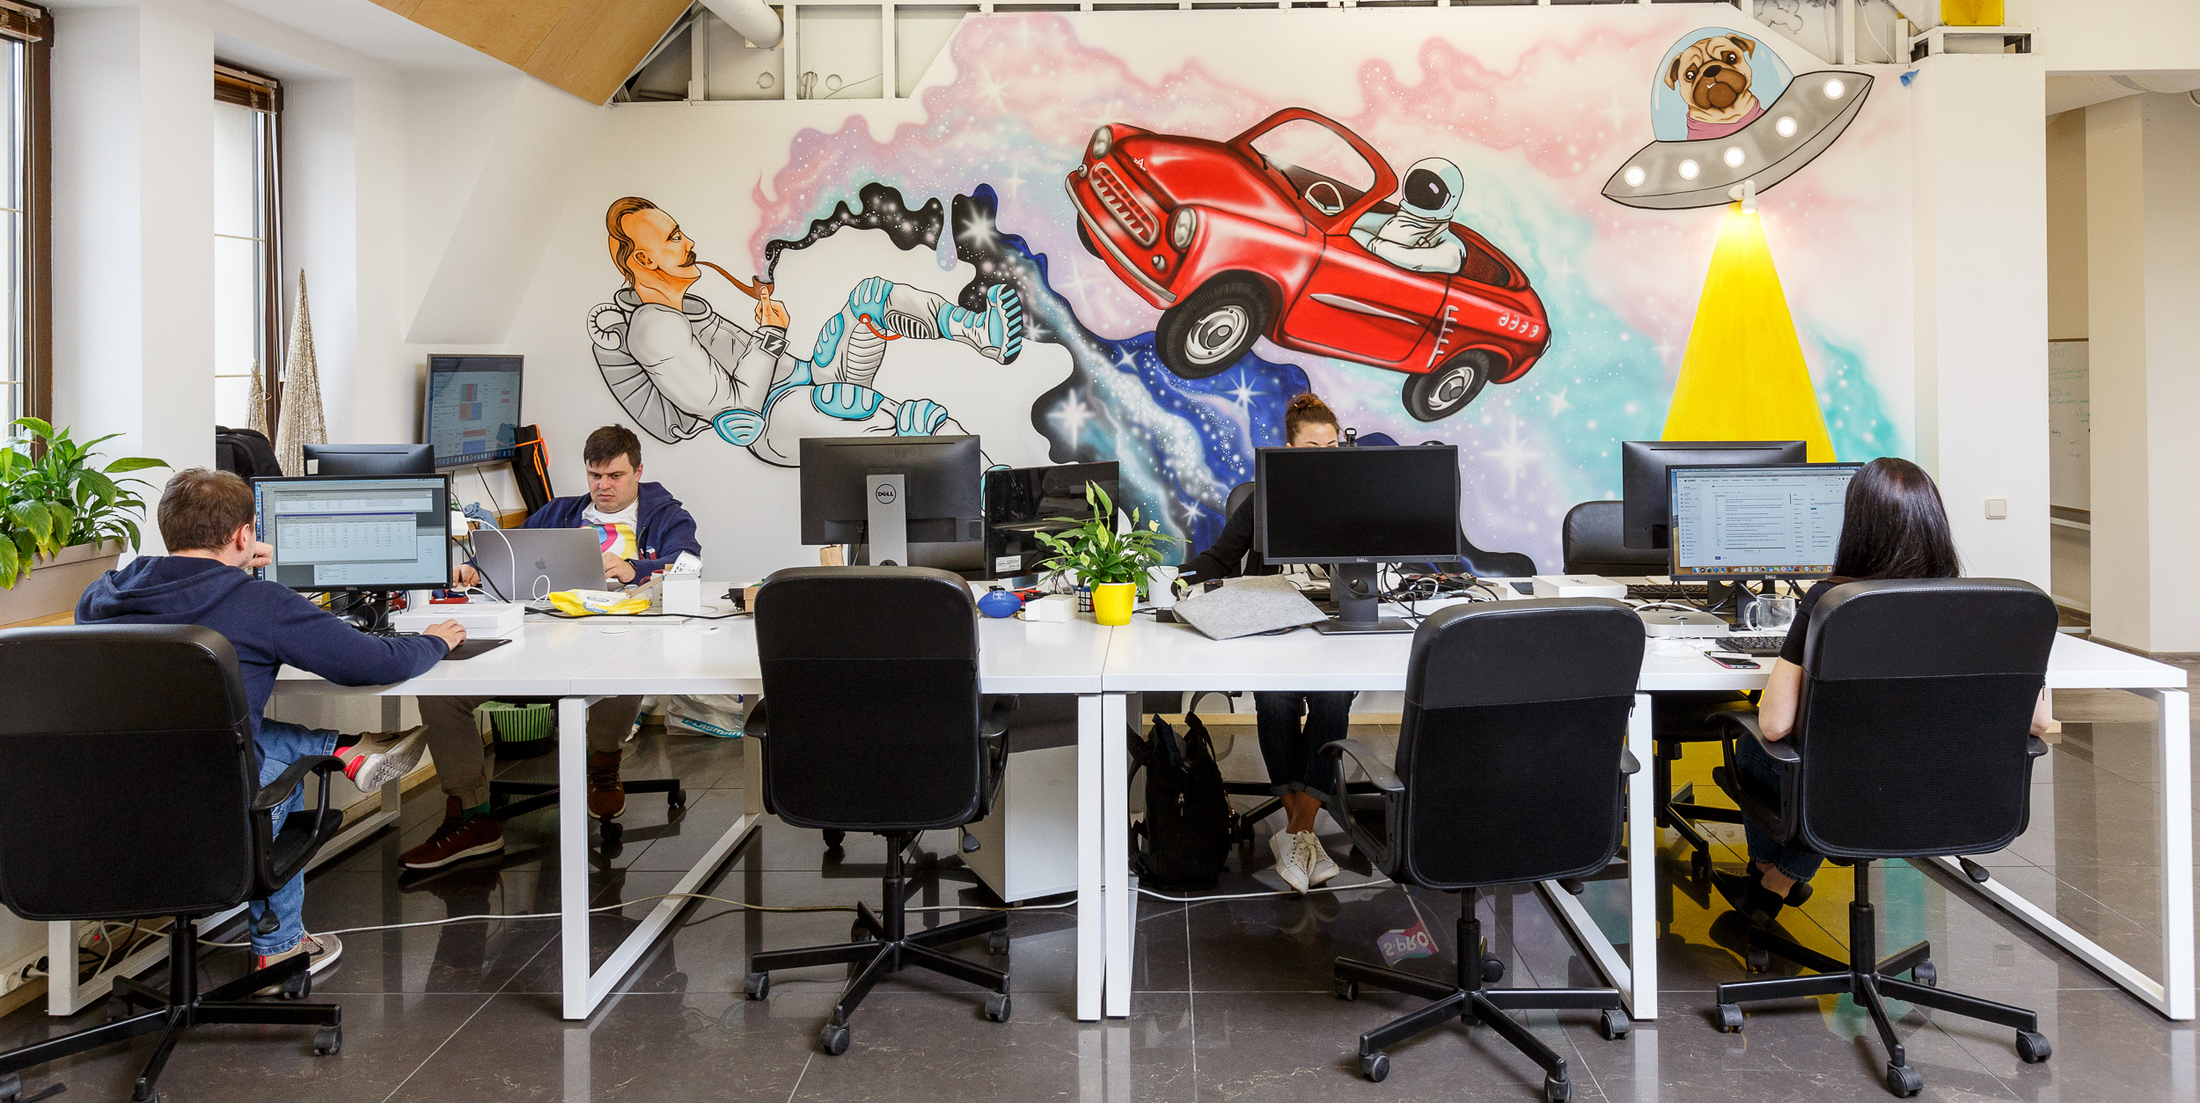 Сооснователи S-PRO родом из Запорожья, поэтому нам небезразлична судьба этого города. Многие IT-специалисты уезжают отсюда в Харьков, Днепр, Киев, Одессу. Из-за этого в городе сложно нанять опытных профессионалов, вроде технического директора. Поэтому мы купили самый крупный коворкинг в Запорожье, где проводим образовательные мероприятия и развиваем местное IT-сообщество.